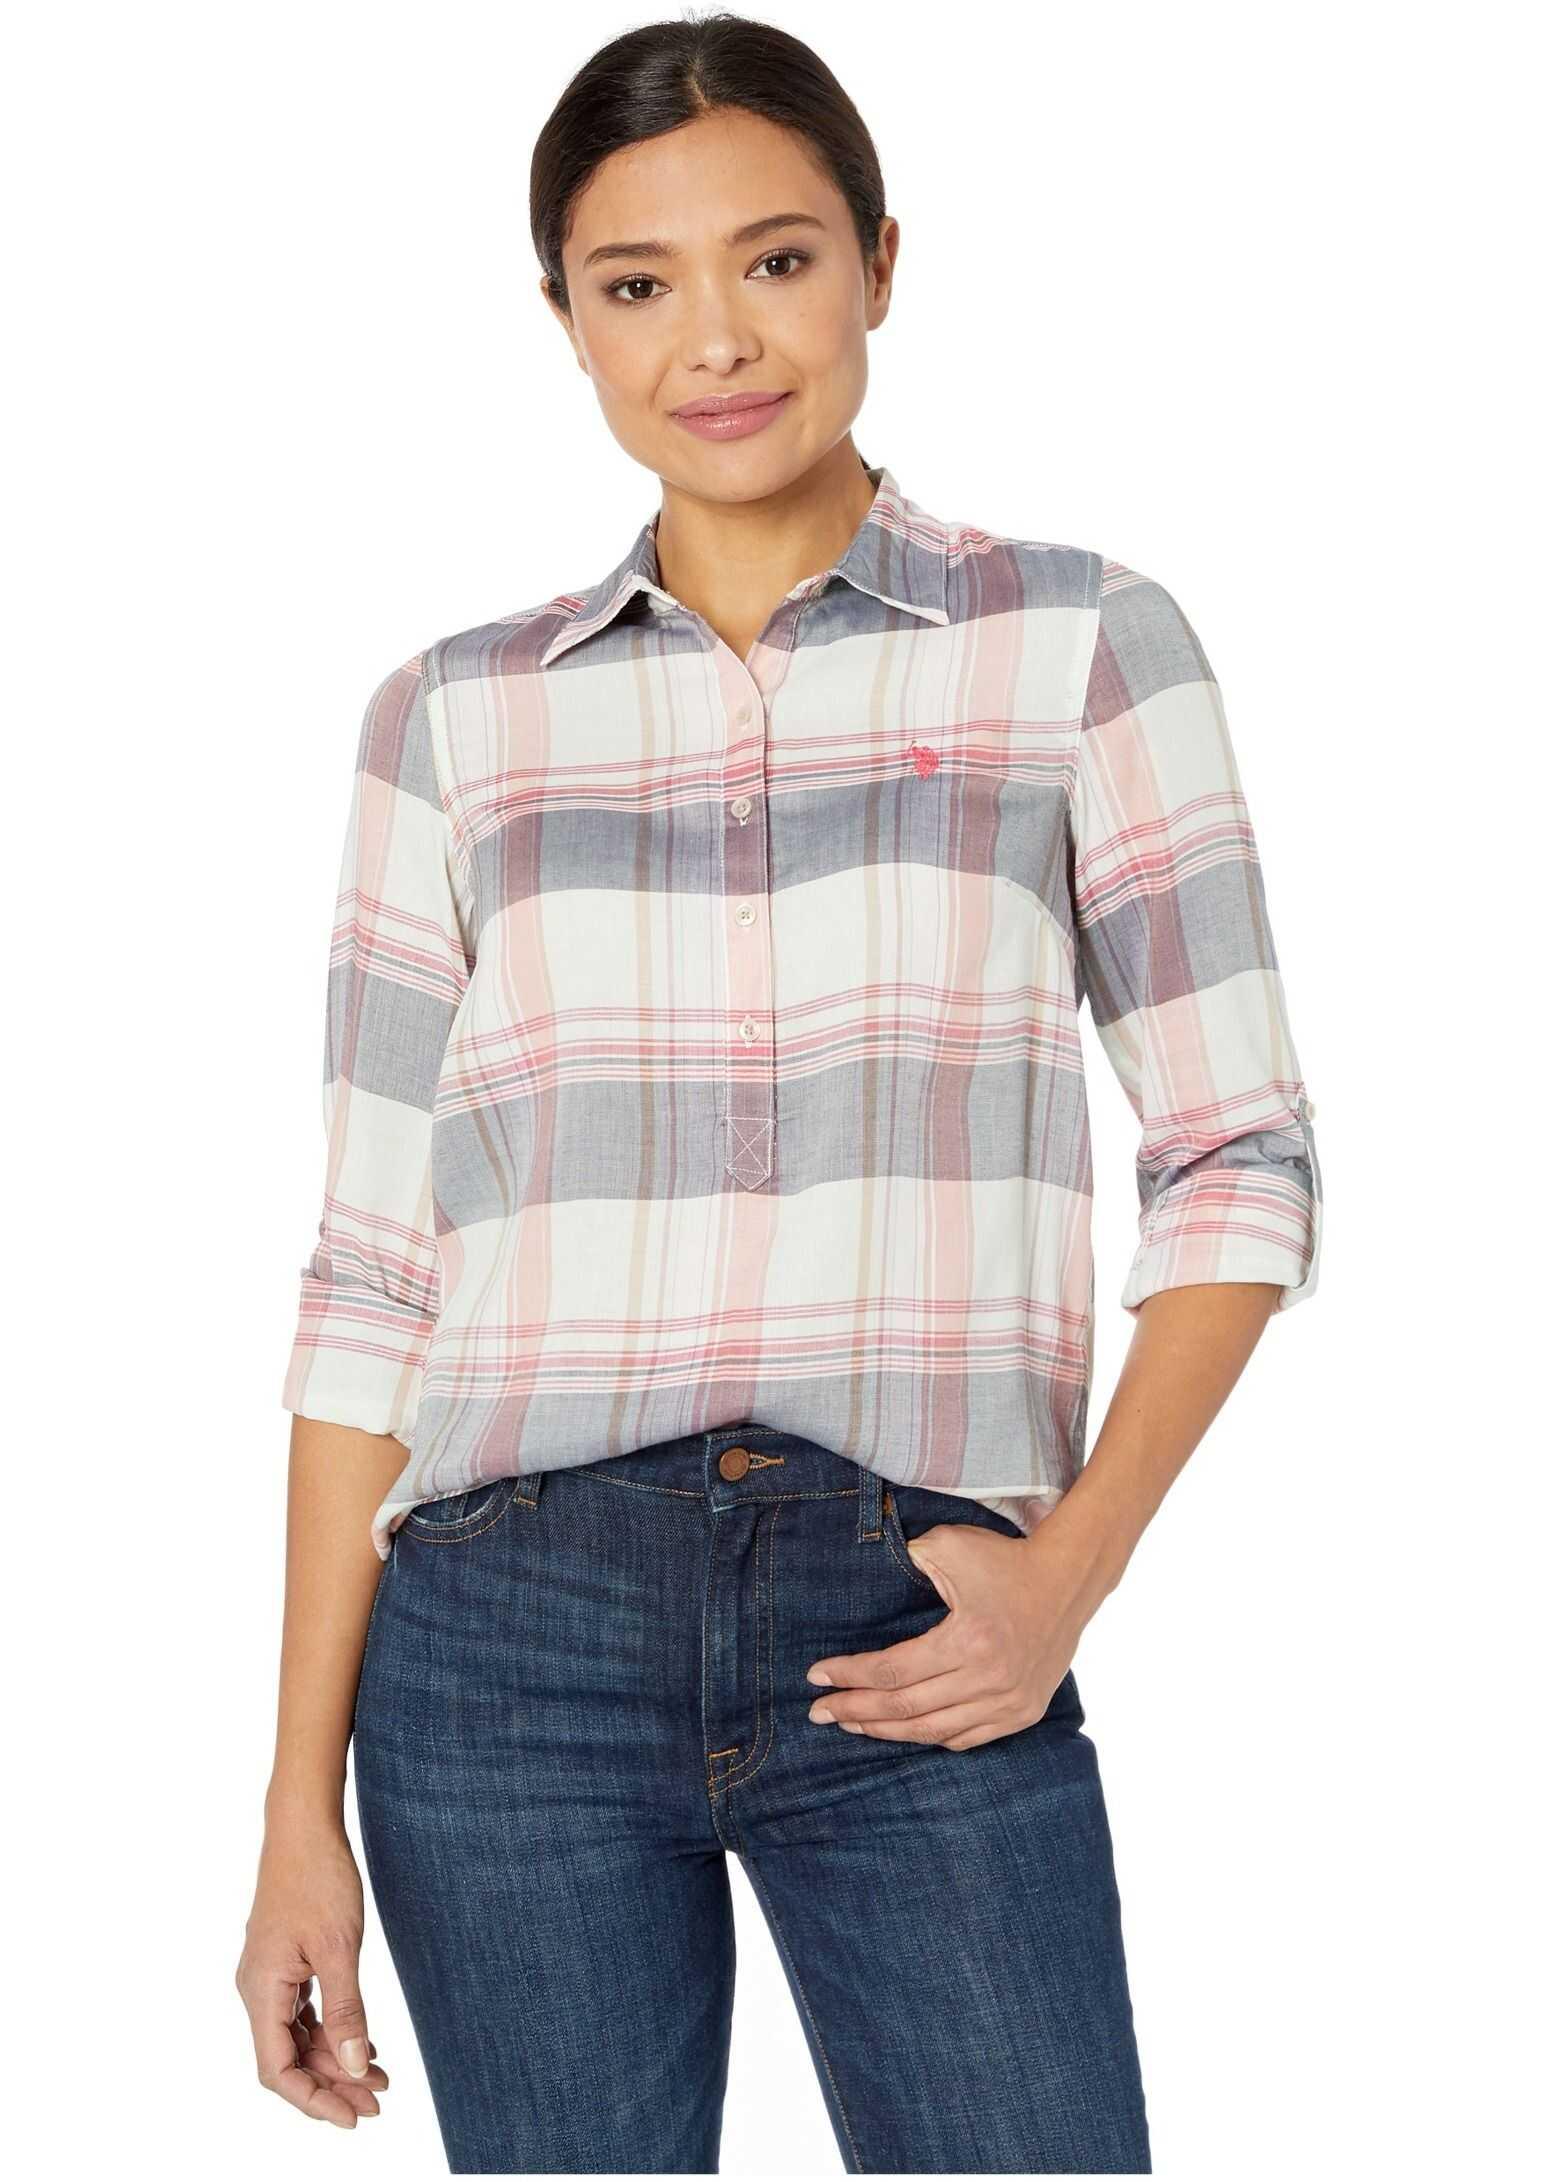 U.S. POLO ASSN. Woven Plaid Shirt Evening Blue